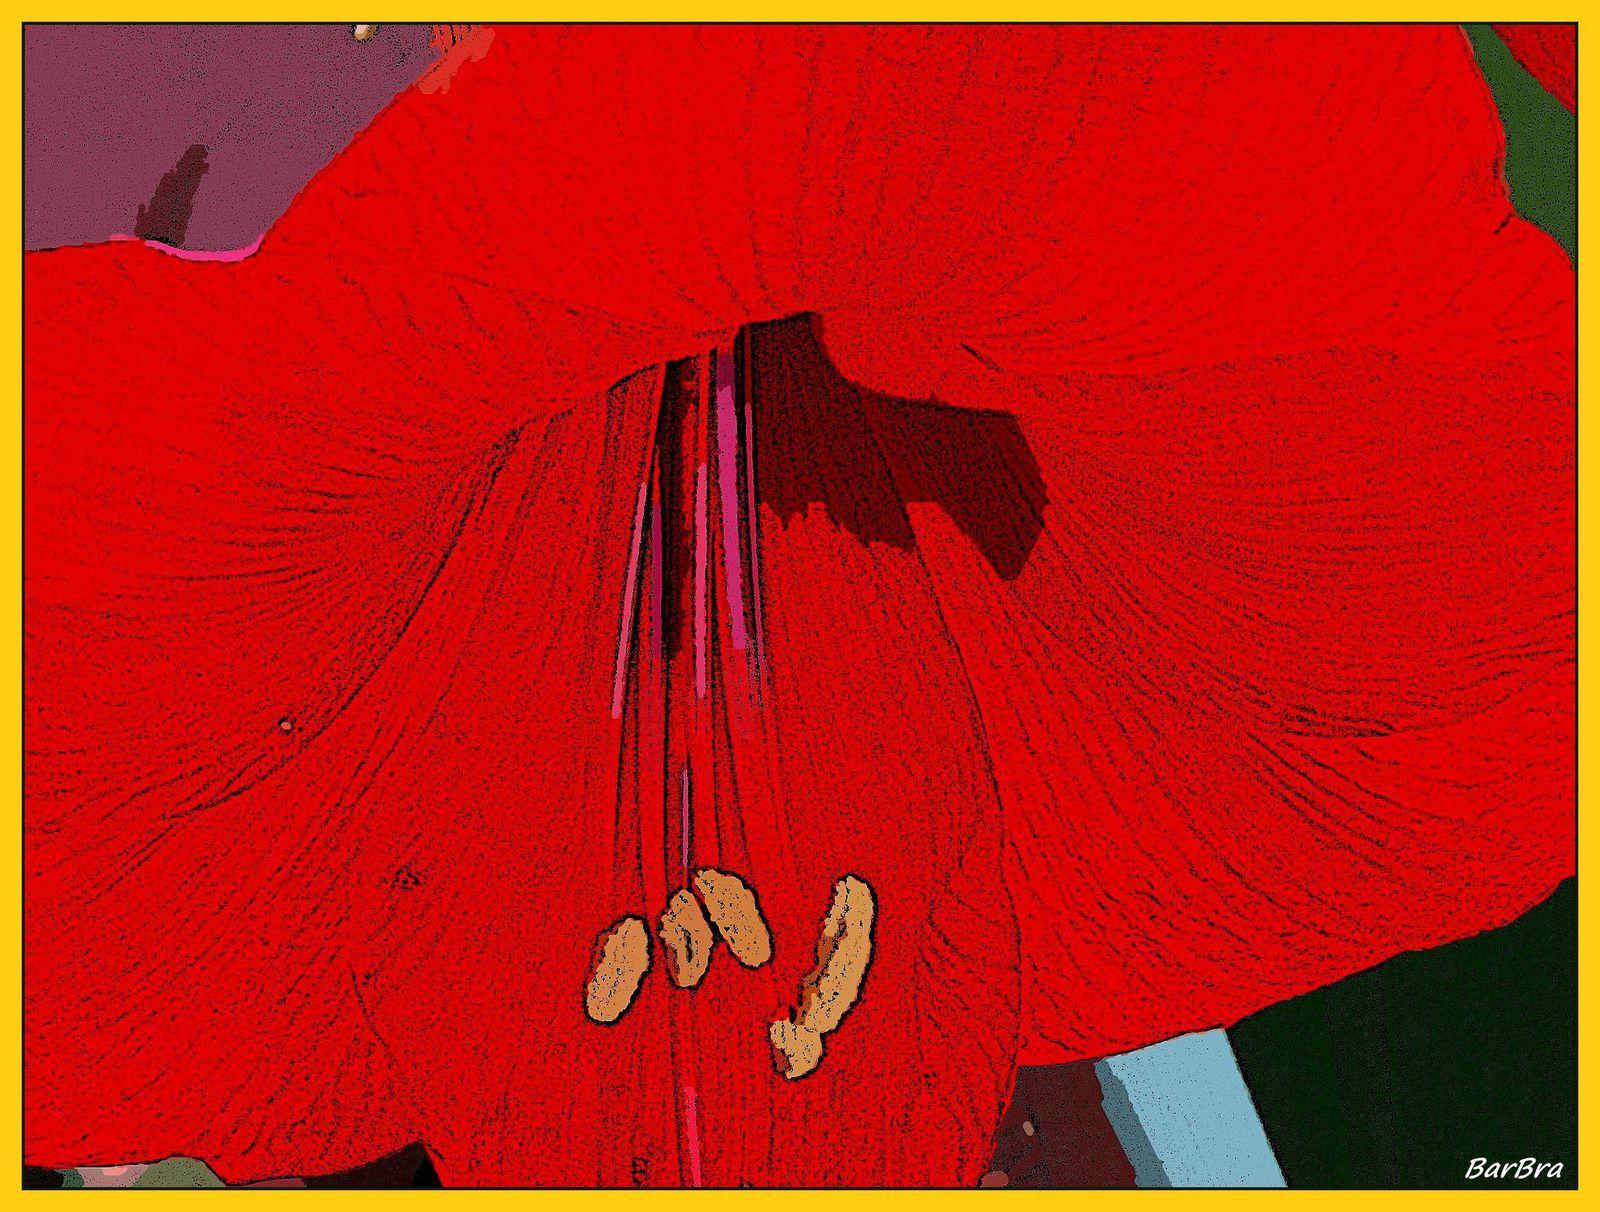 ... tu, Titiro, placido all'ombra, insegni ai boschi a riecheggiare del nome della bella Amarillide.